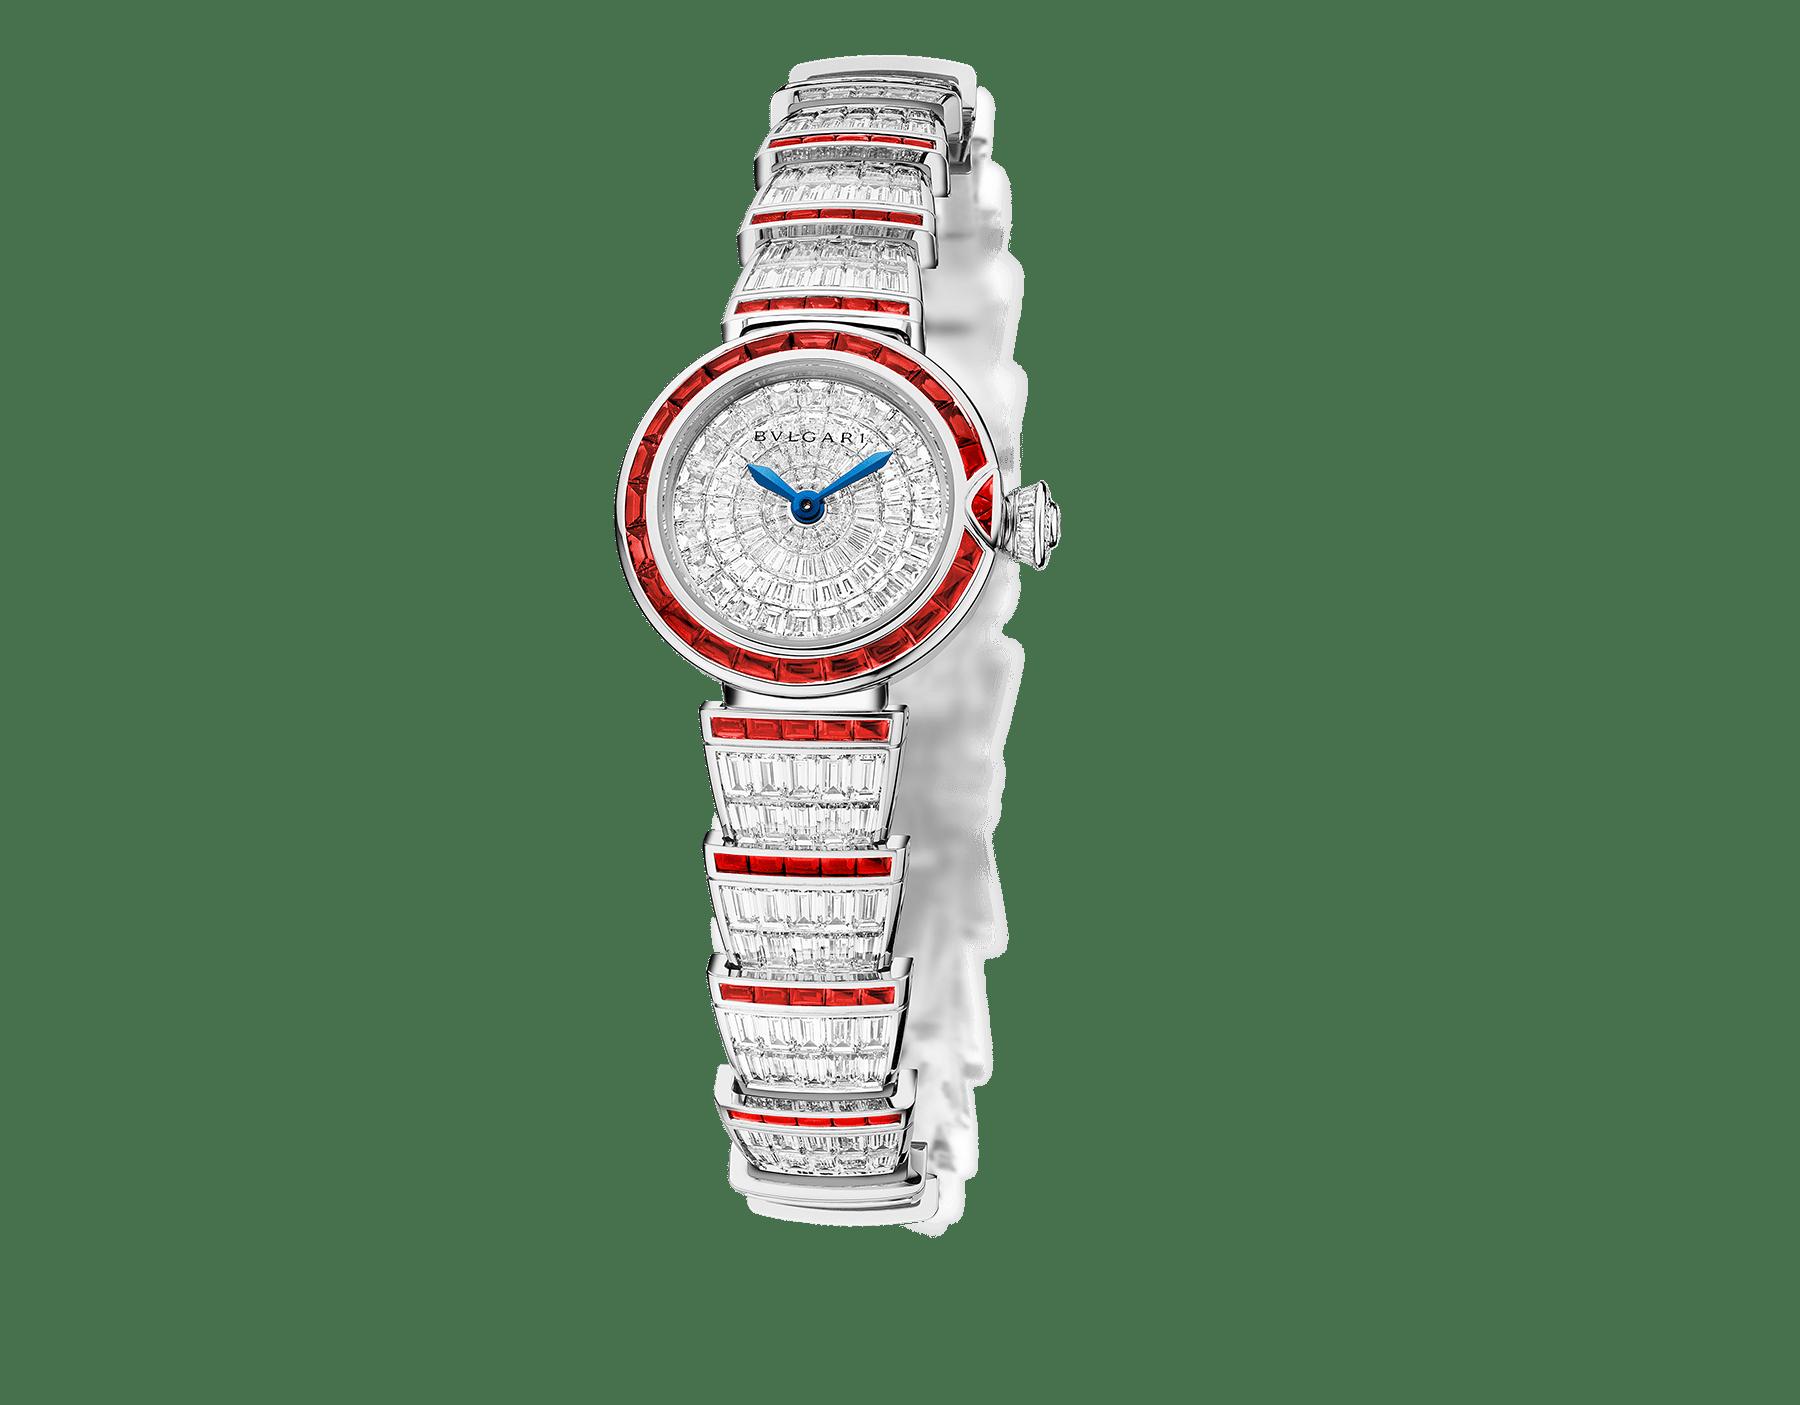 Montre LVCEA avec boîtier et bracelet en or blanc 18K sertis de diamants et rubis taille baguette et cadran entièrement serti de diamant. 102464 image 1